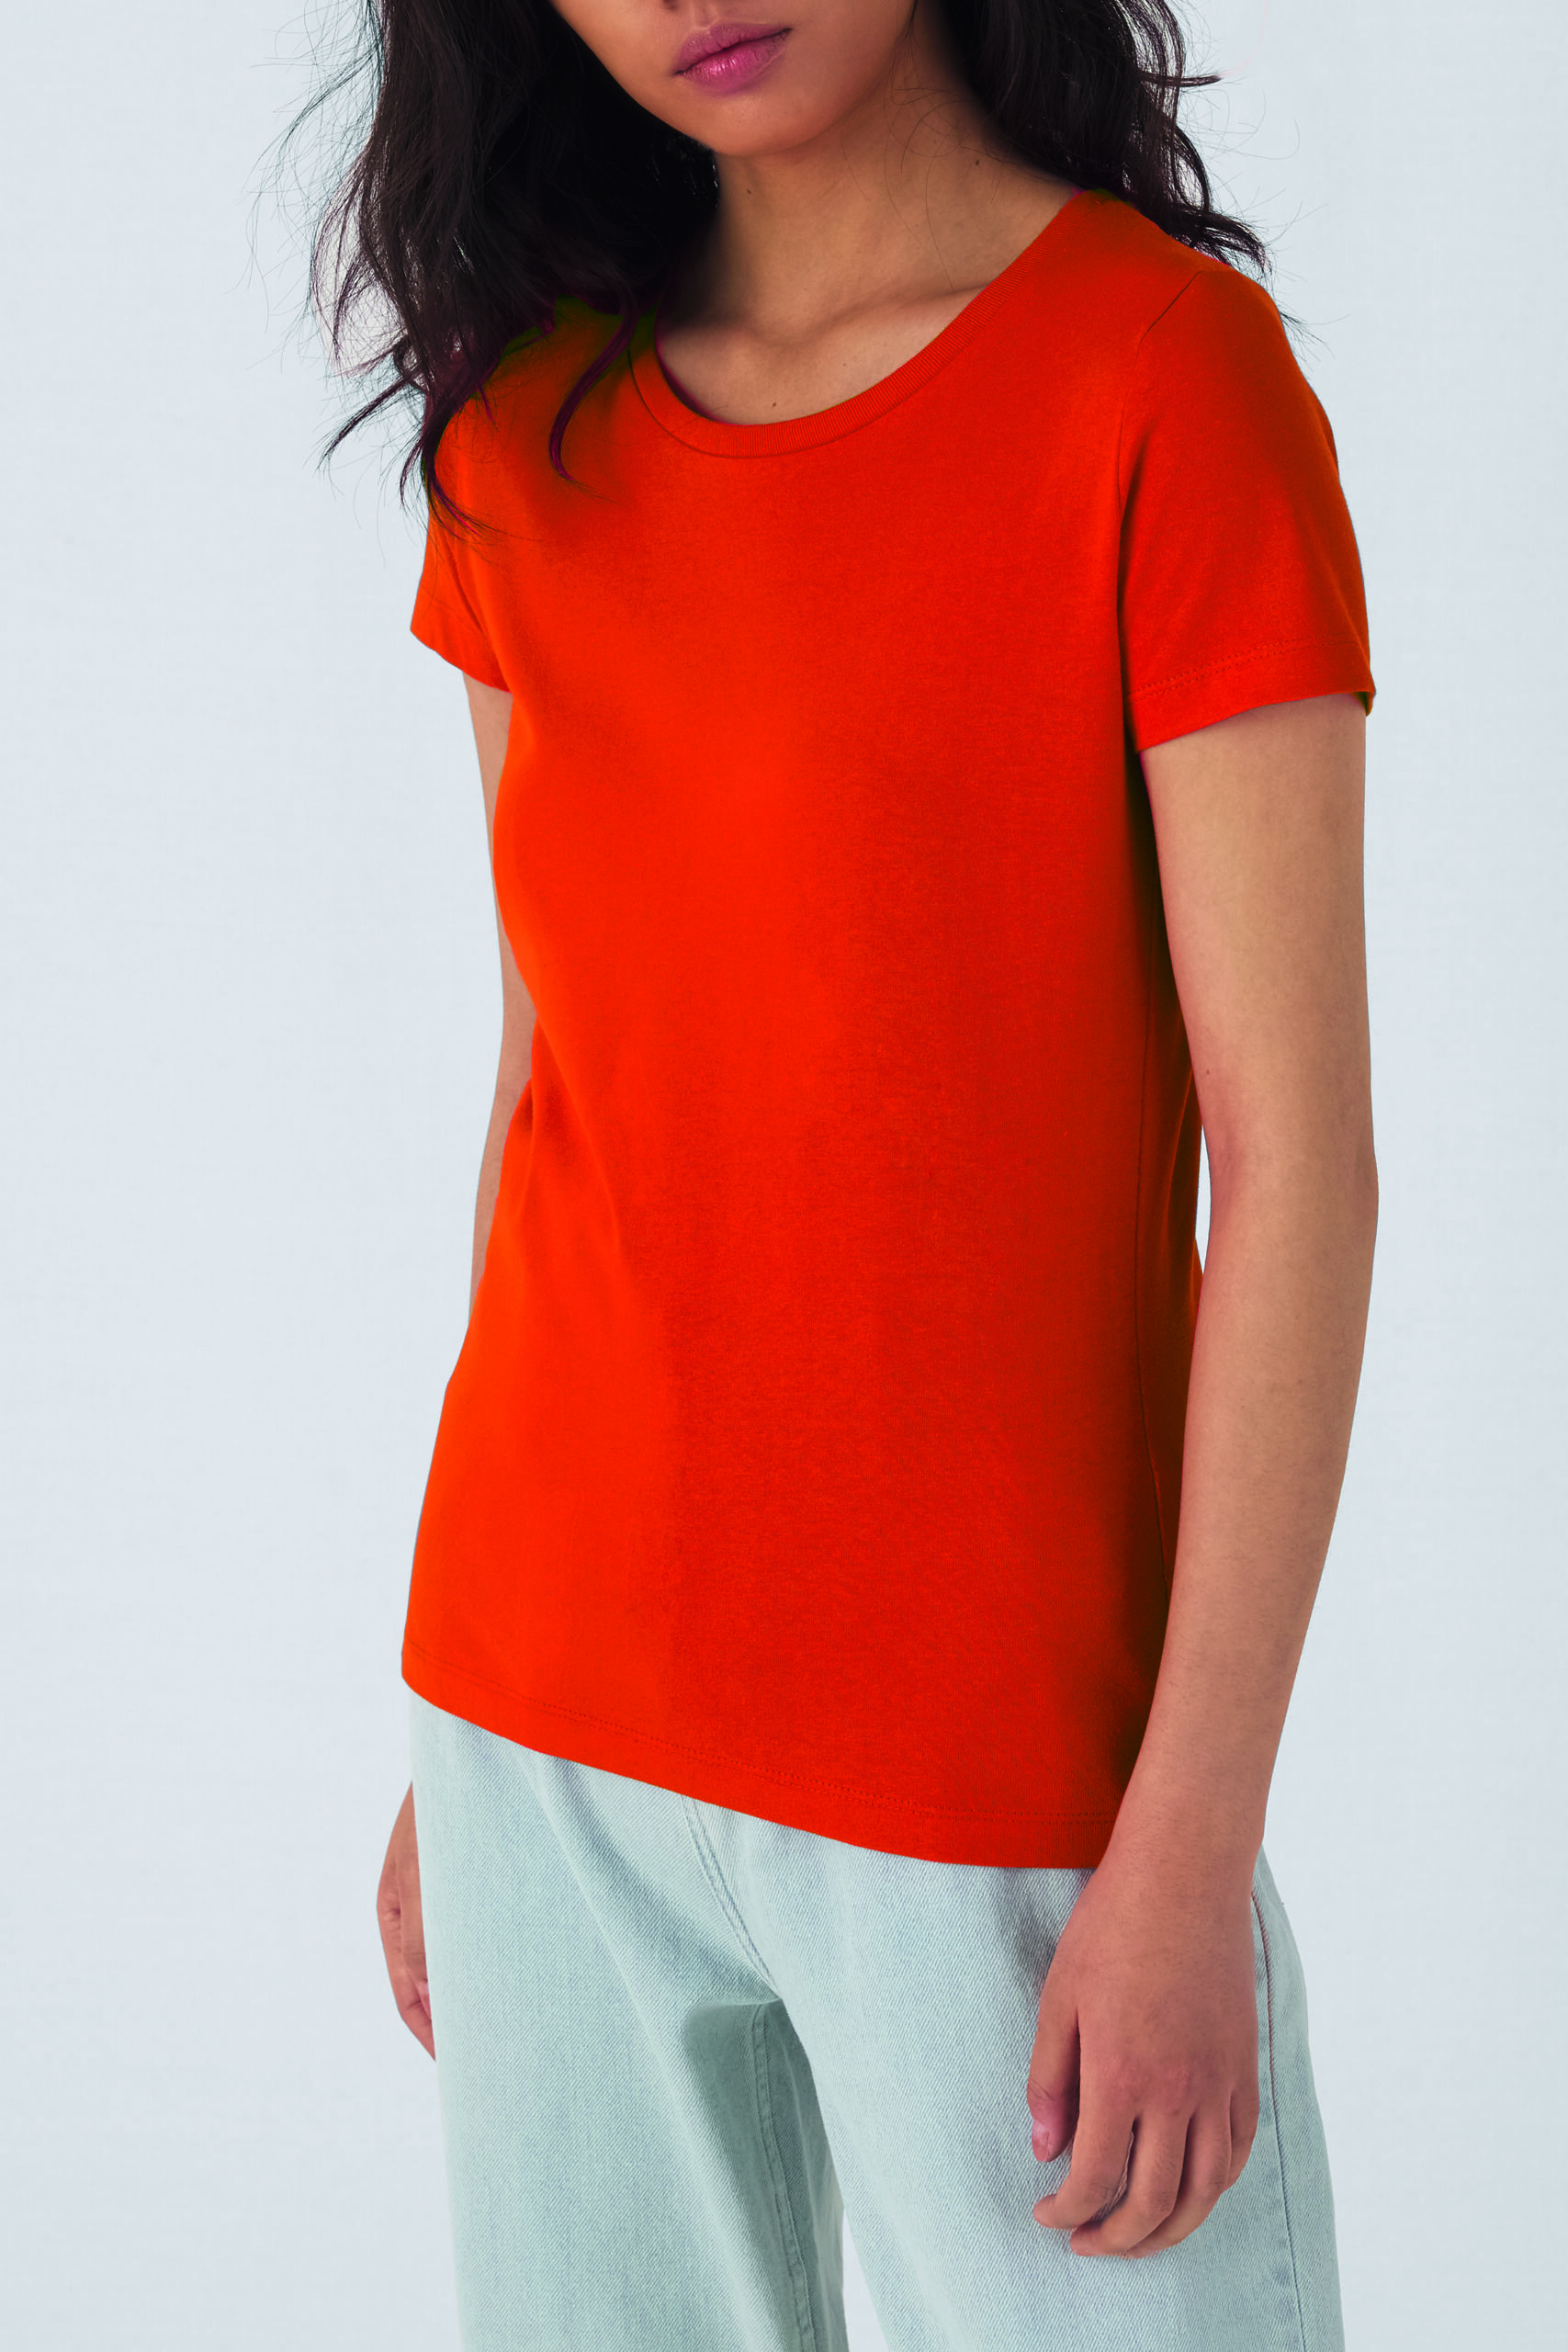 Økologisk, Fair Wear Og Oekotex T-shirt Til Kvinder I En 175g Kvalitet [BCTW049]